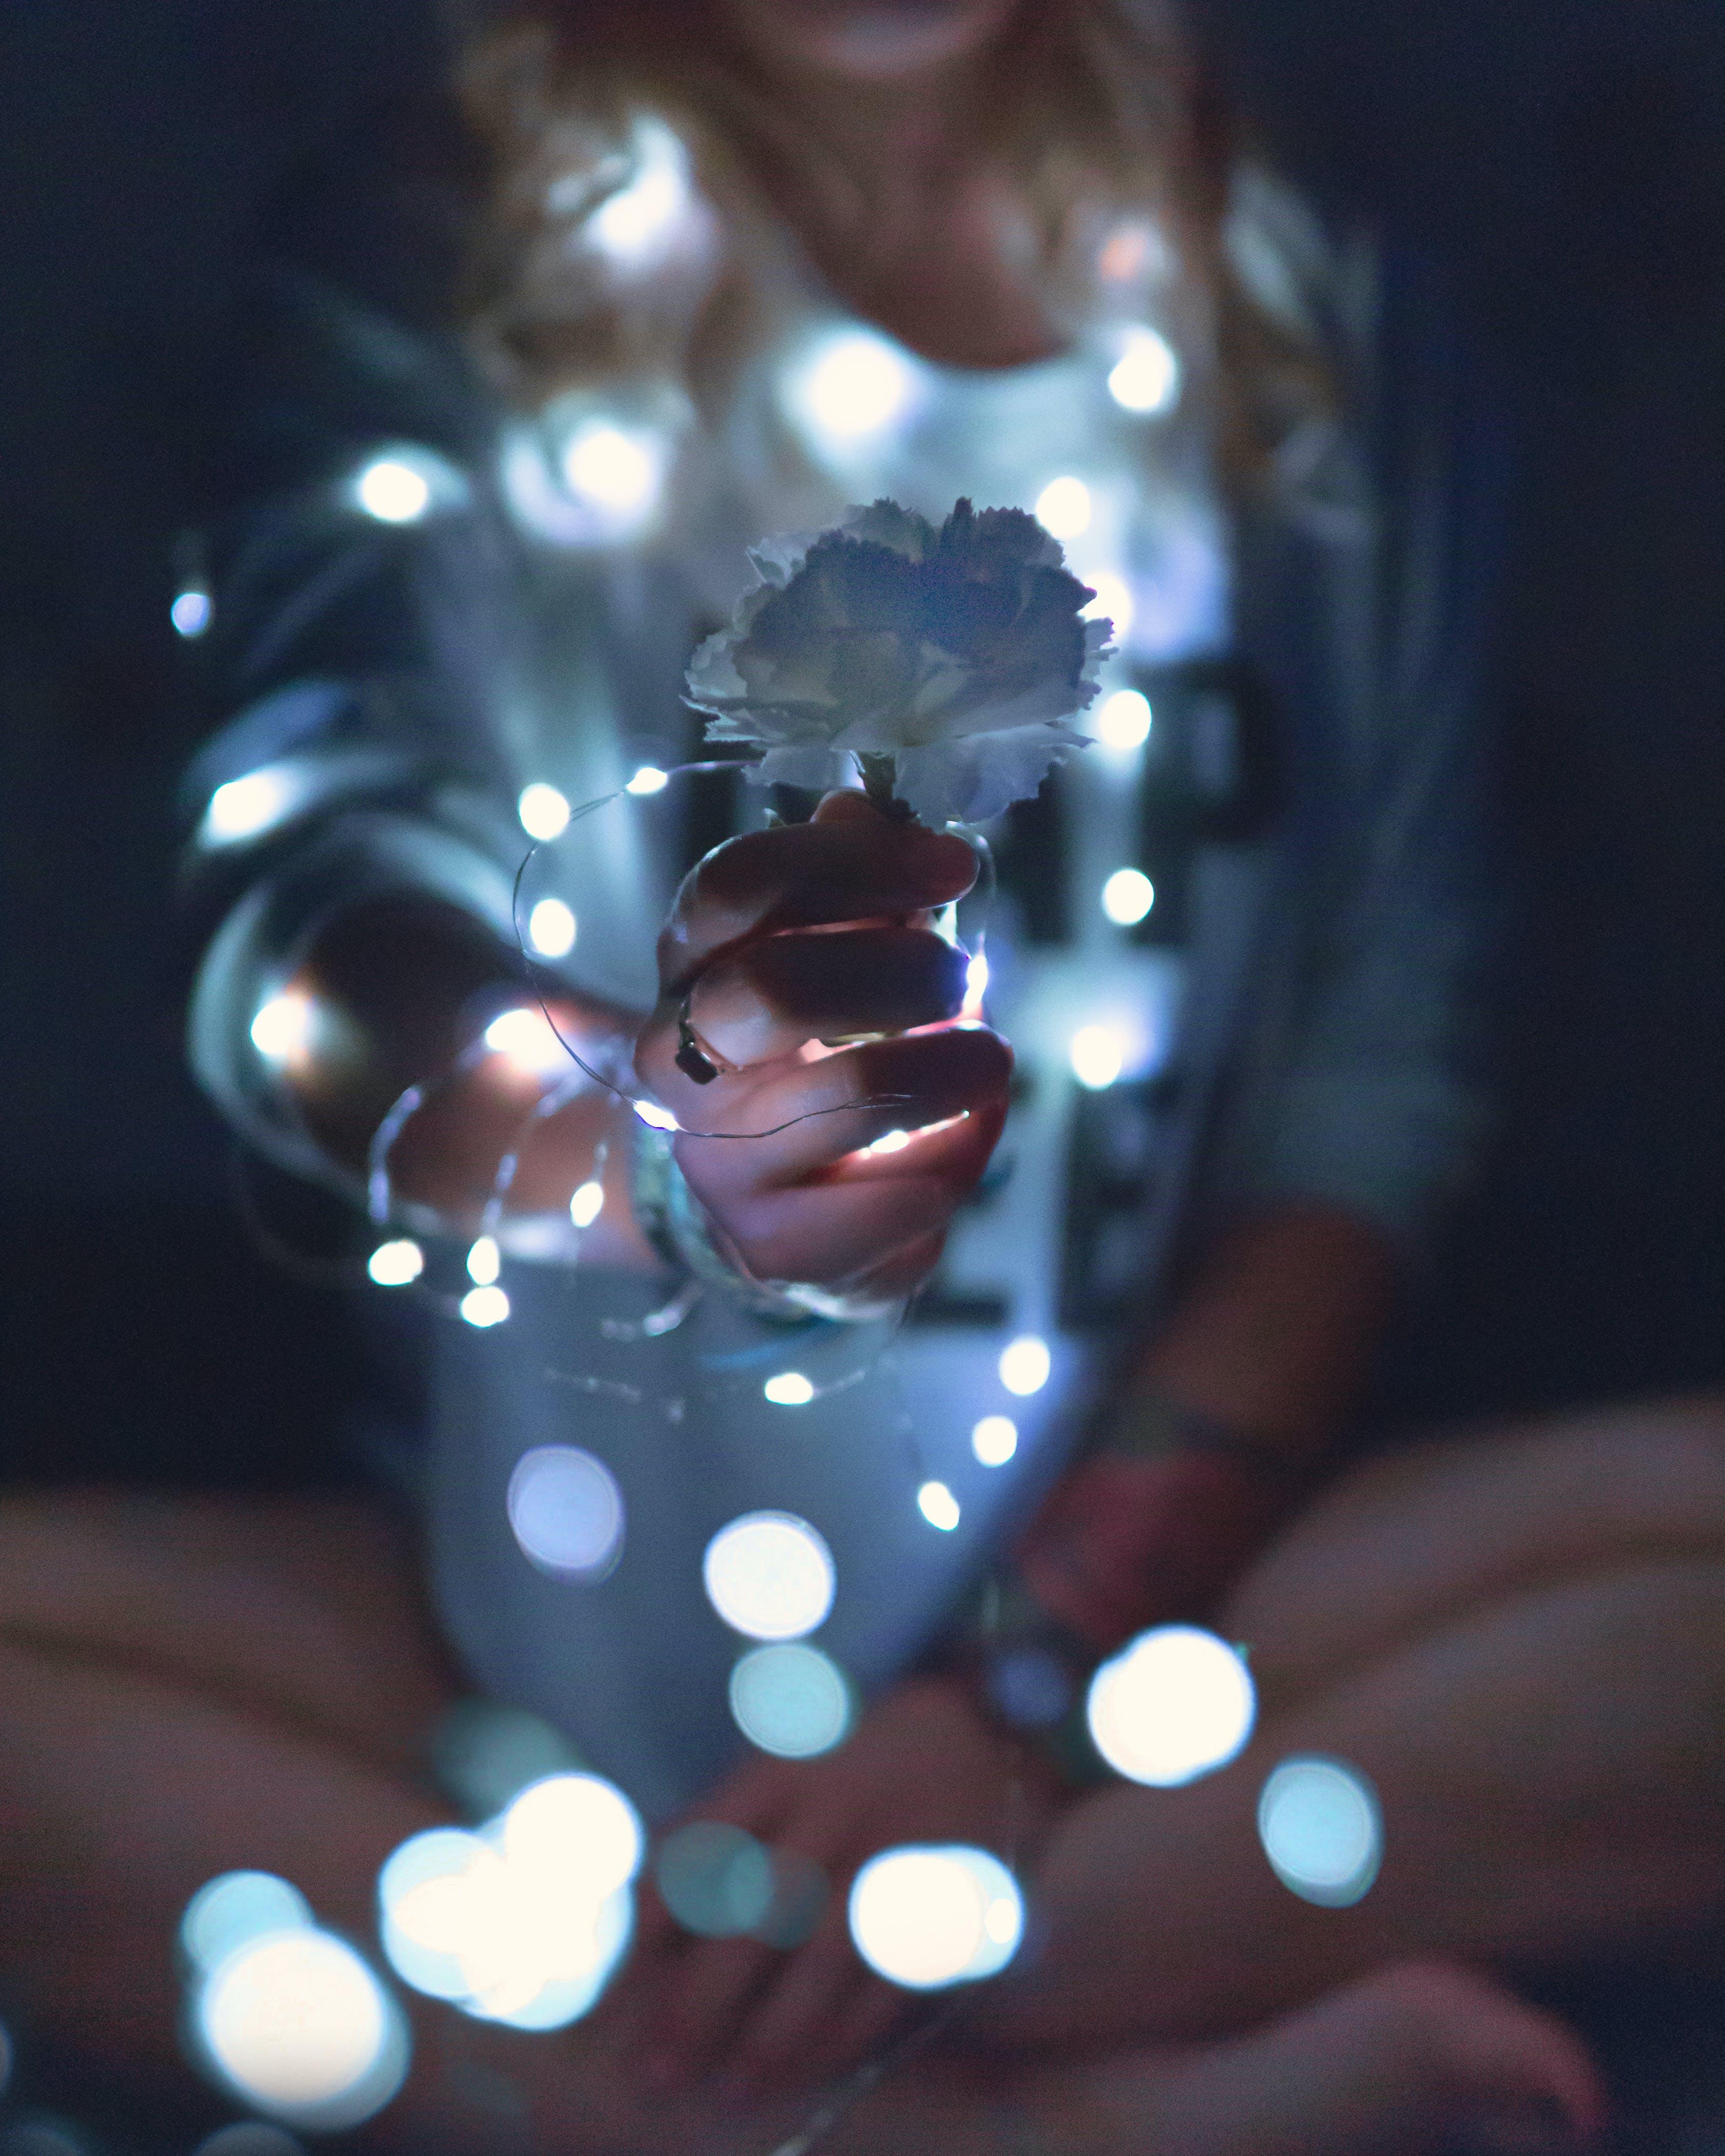 Δωρεάν στοκ φωτογραφιών με macro, κορίτσι, λουλούδι, φώτα